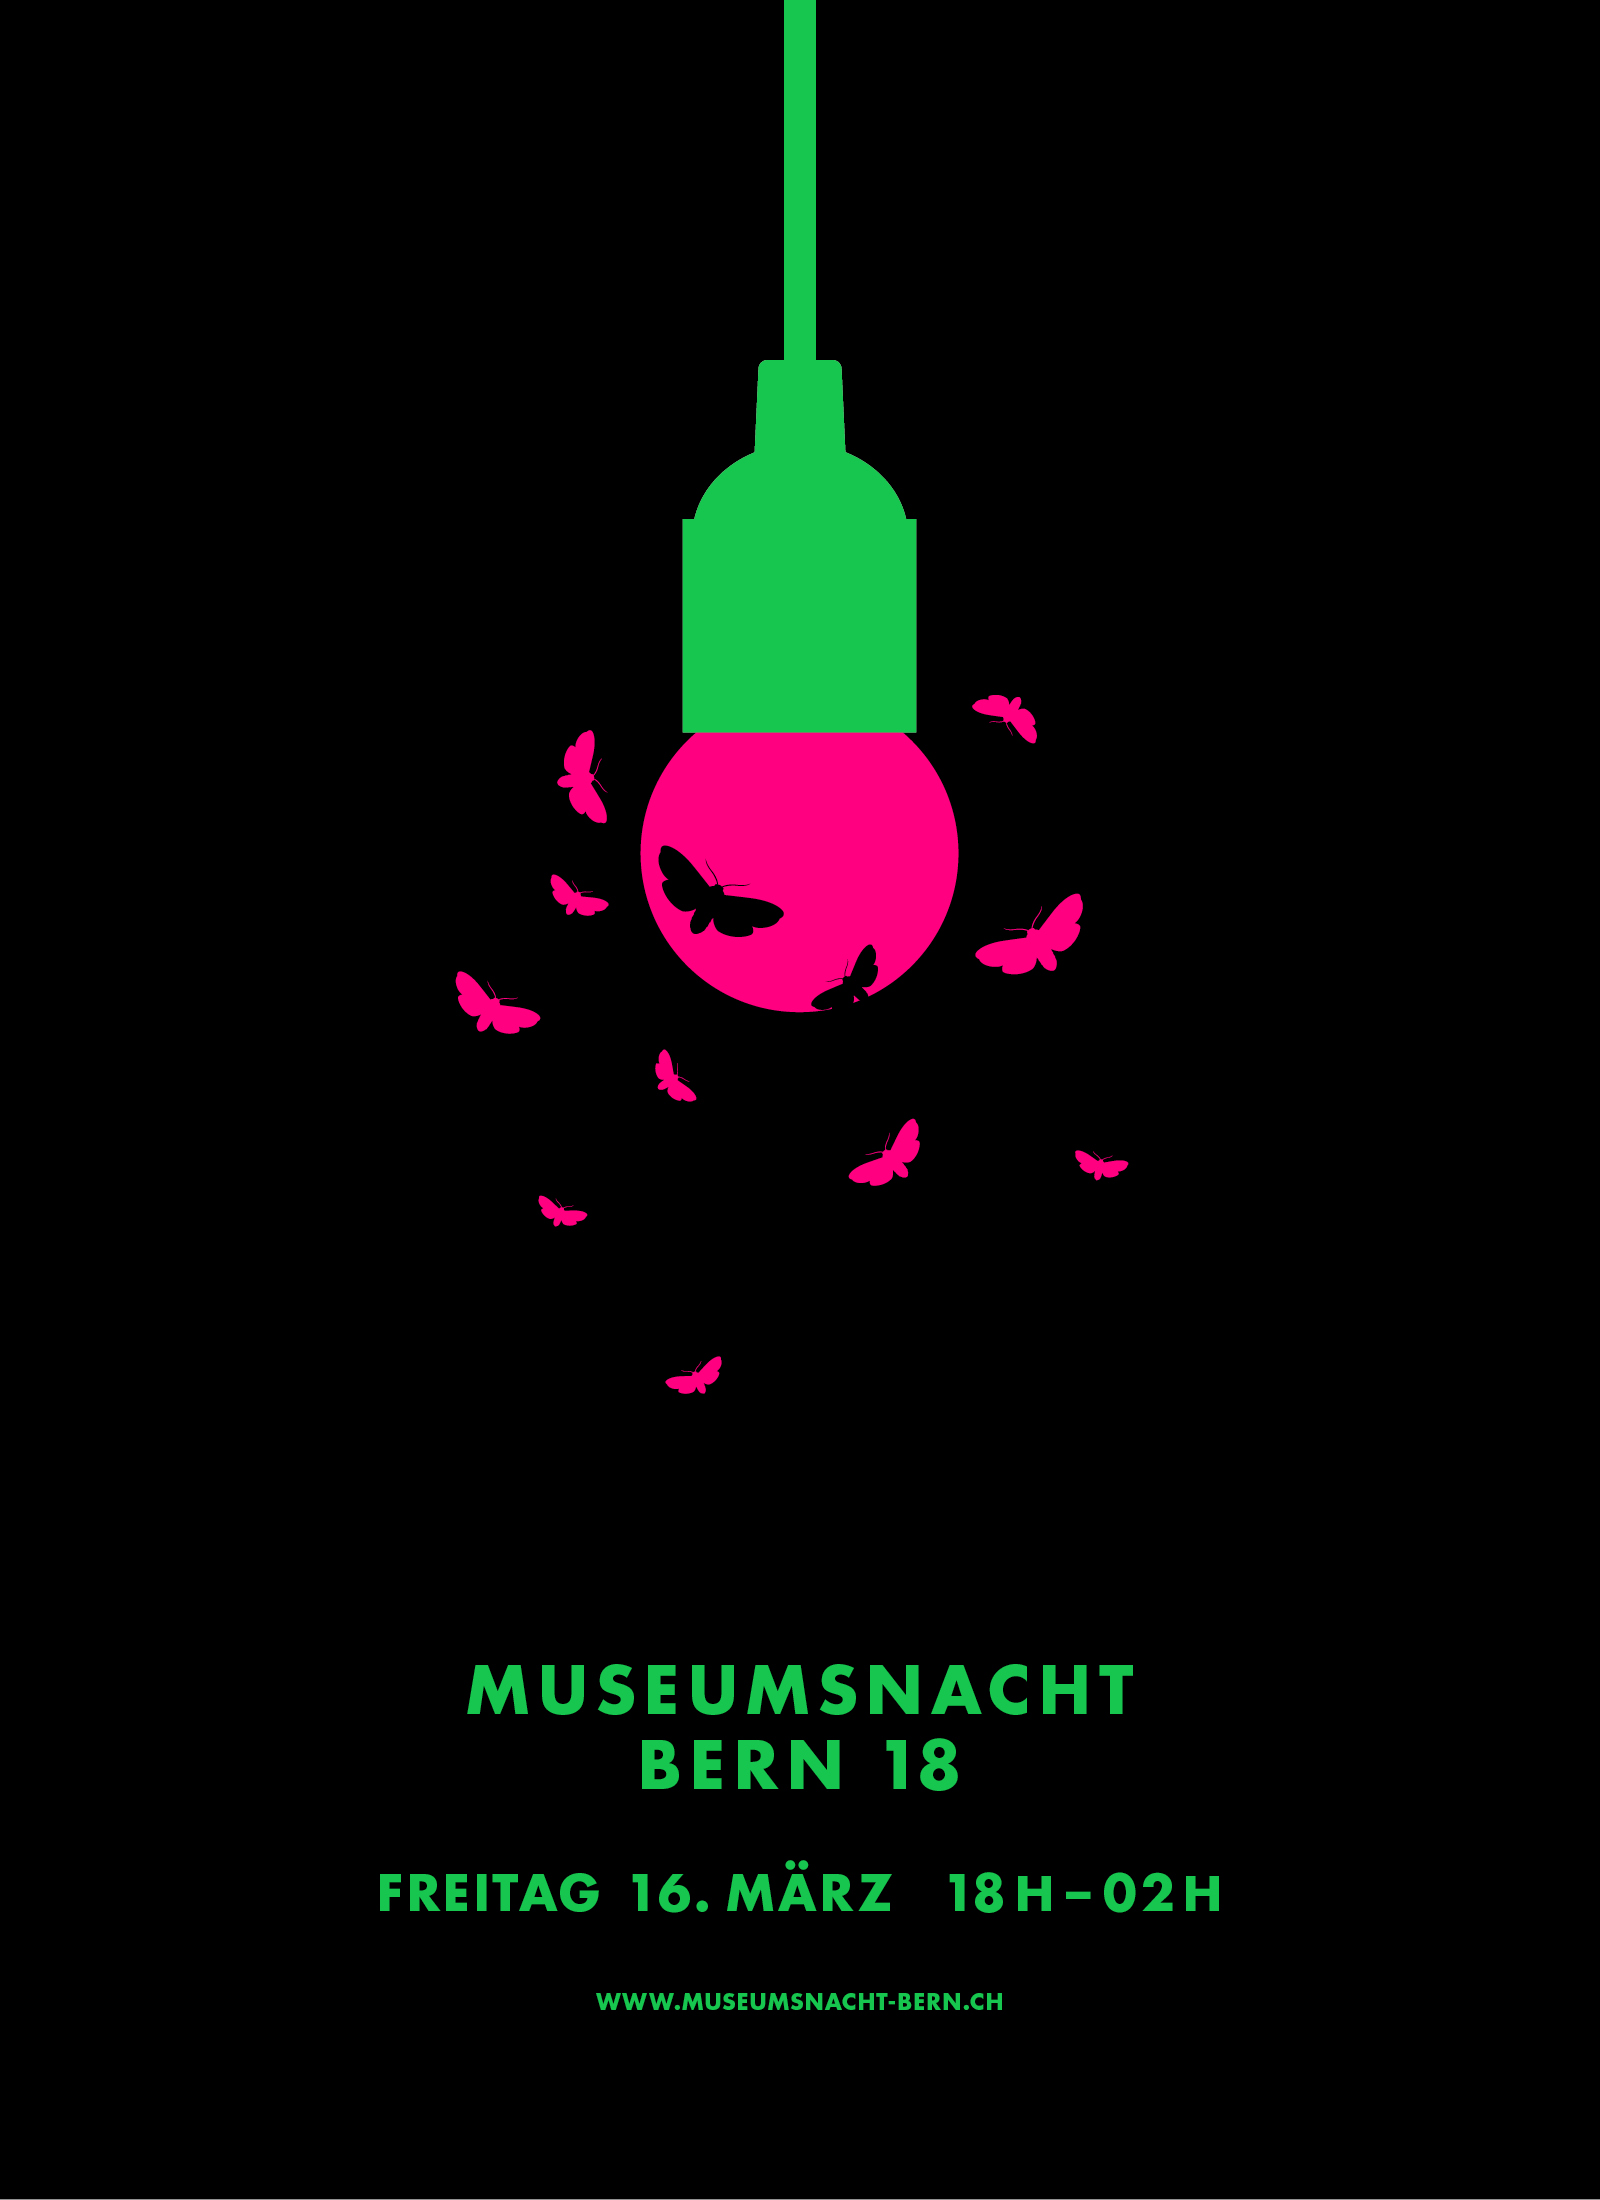 Haus der Akademien als Gast an der Museumsnacht Bern | infoclio.ch